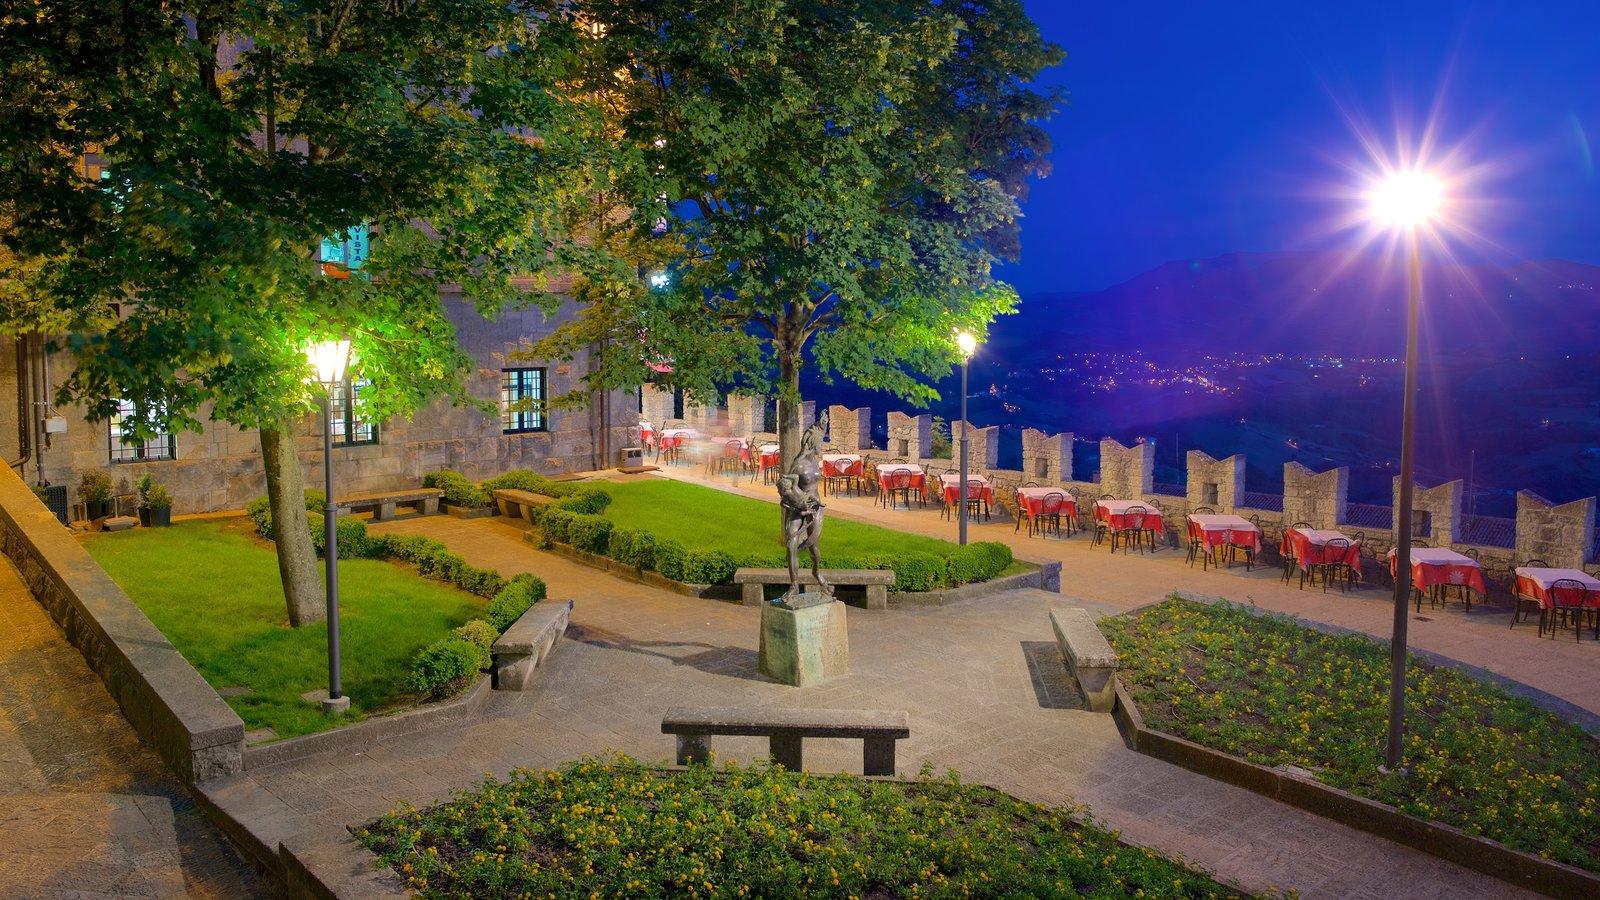 San Marino que inclui um parque, um monumento e paisagens